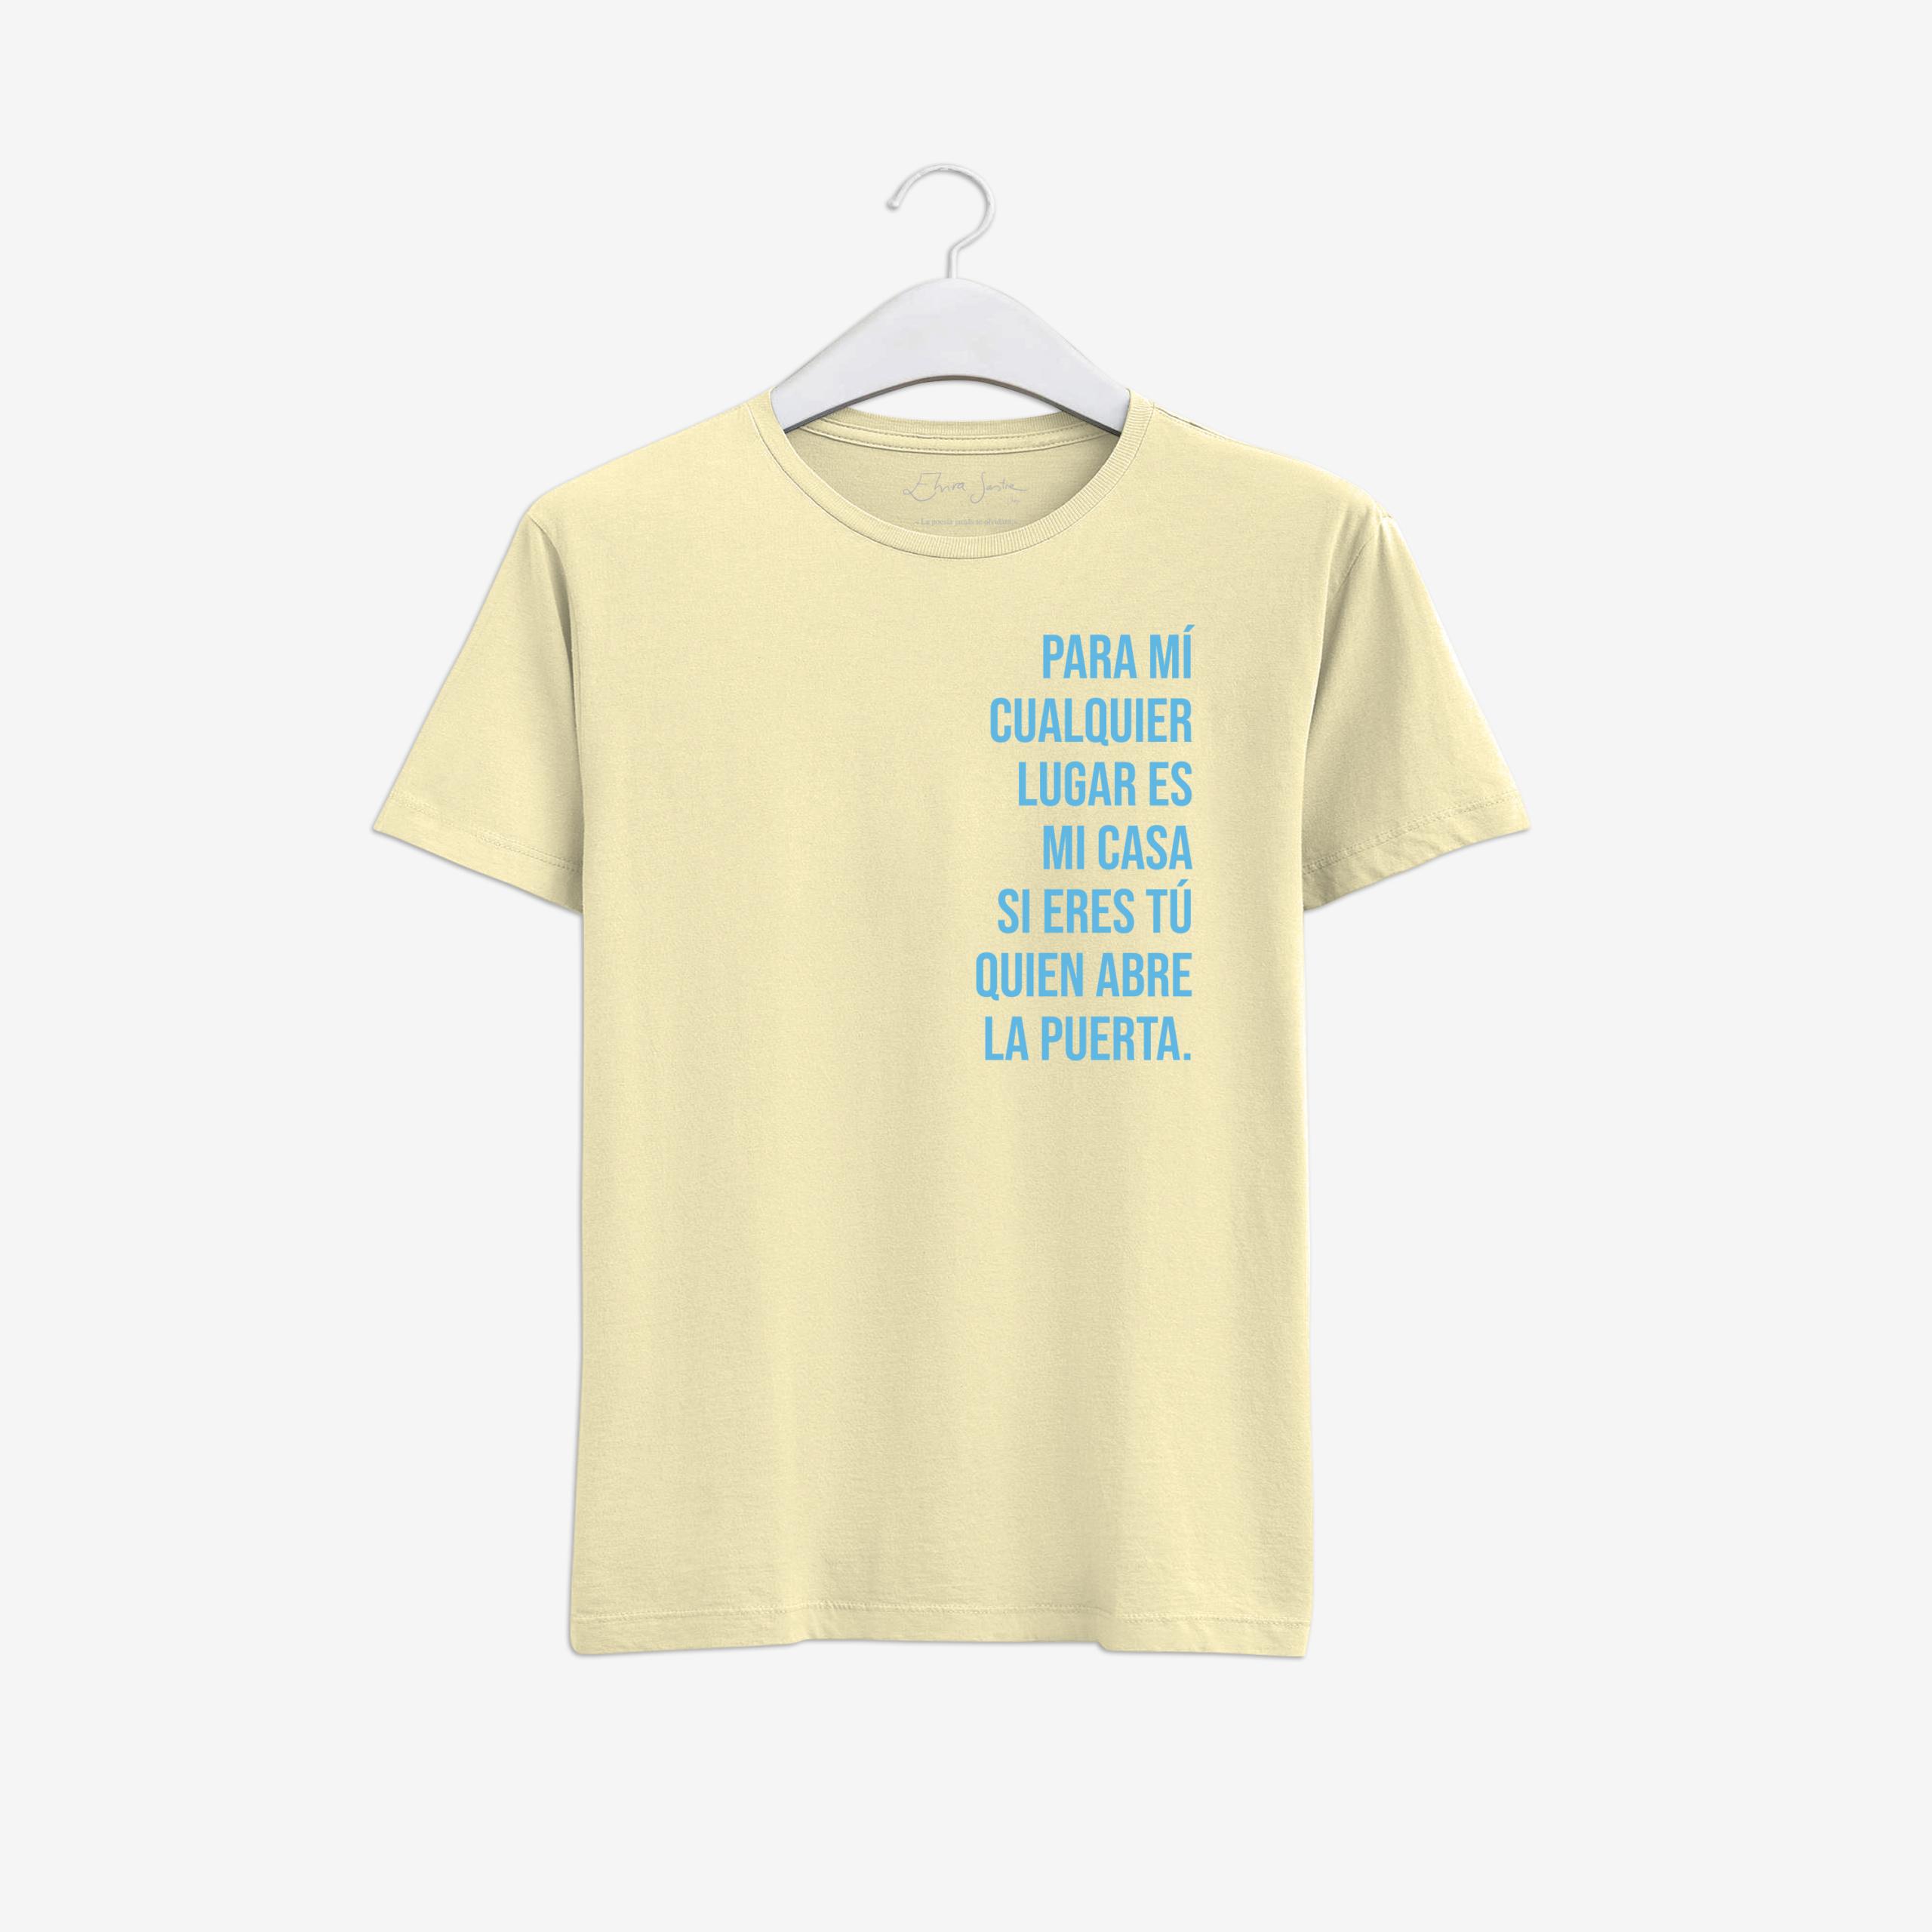 Camiseta puerta